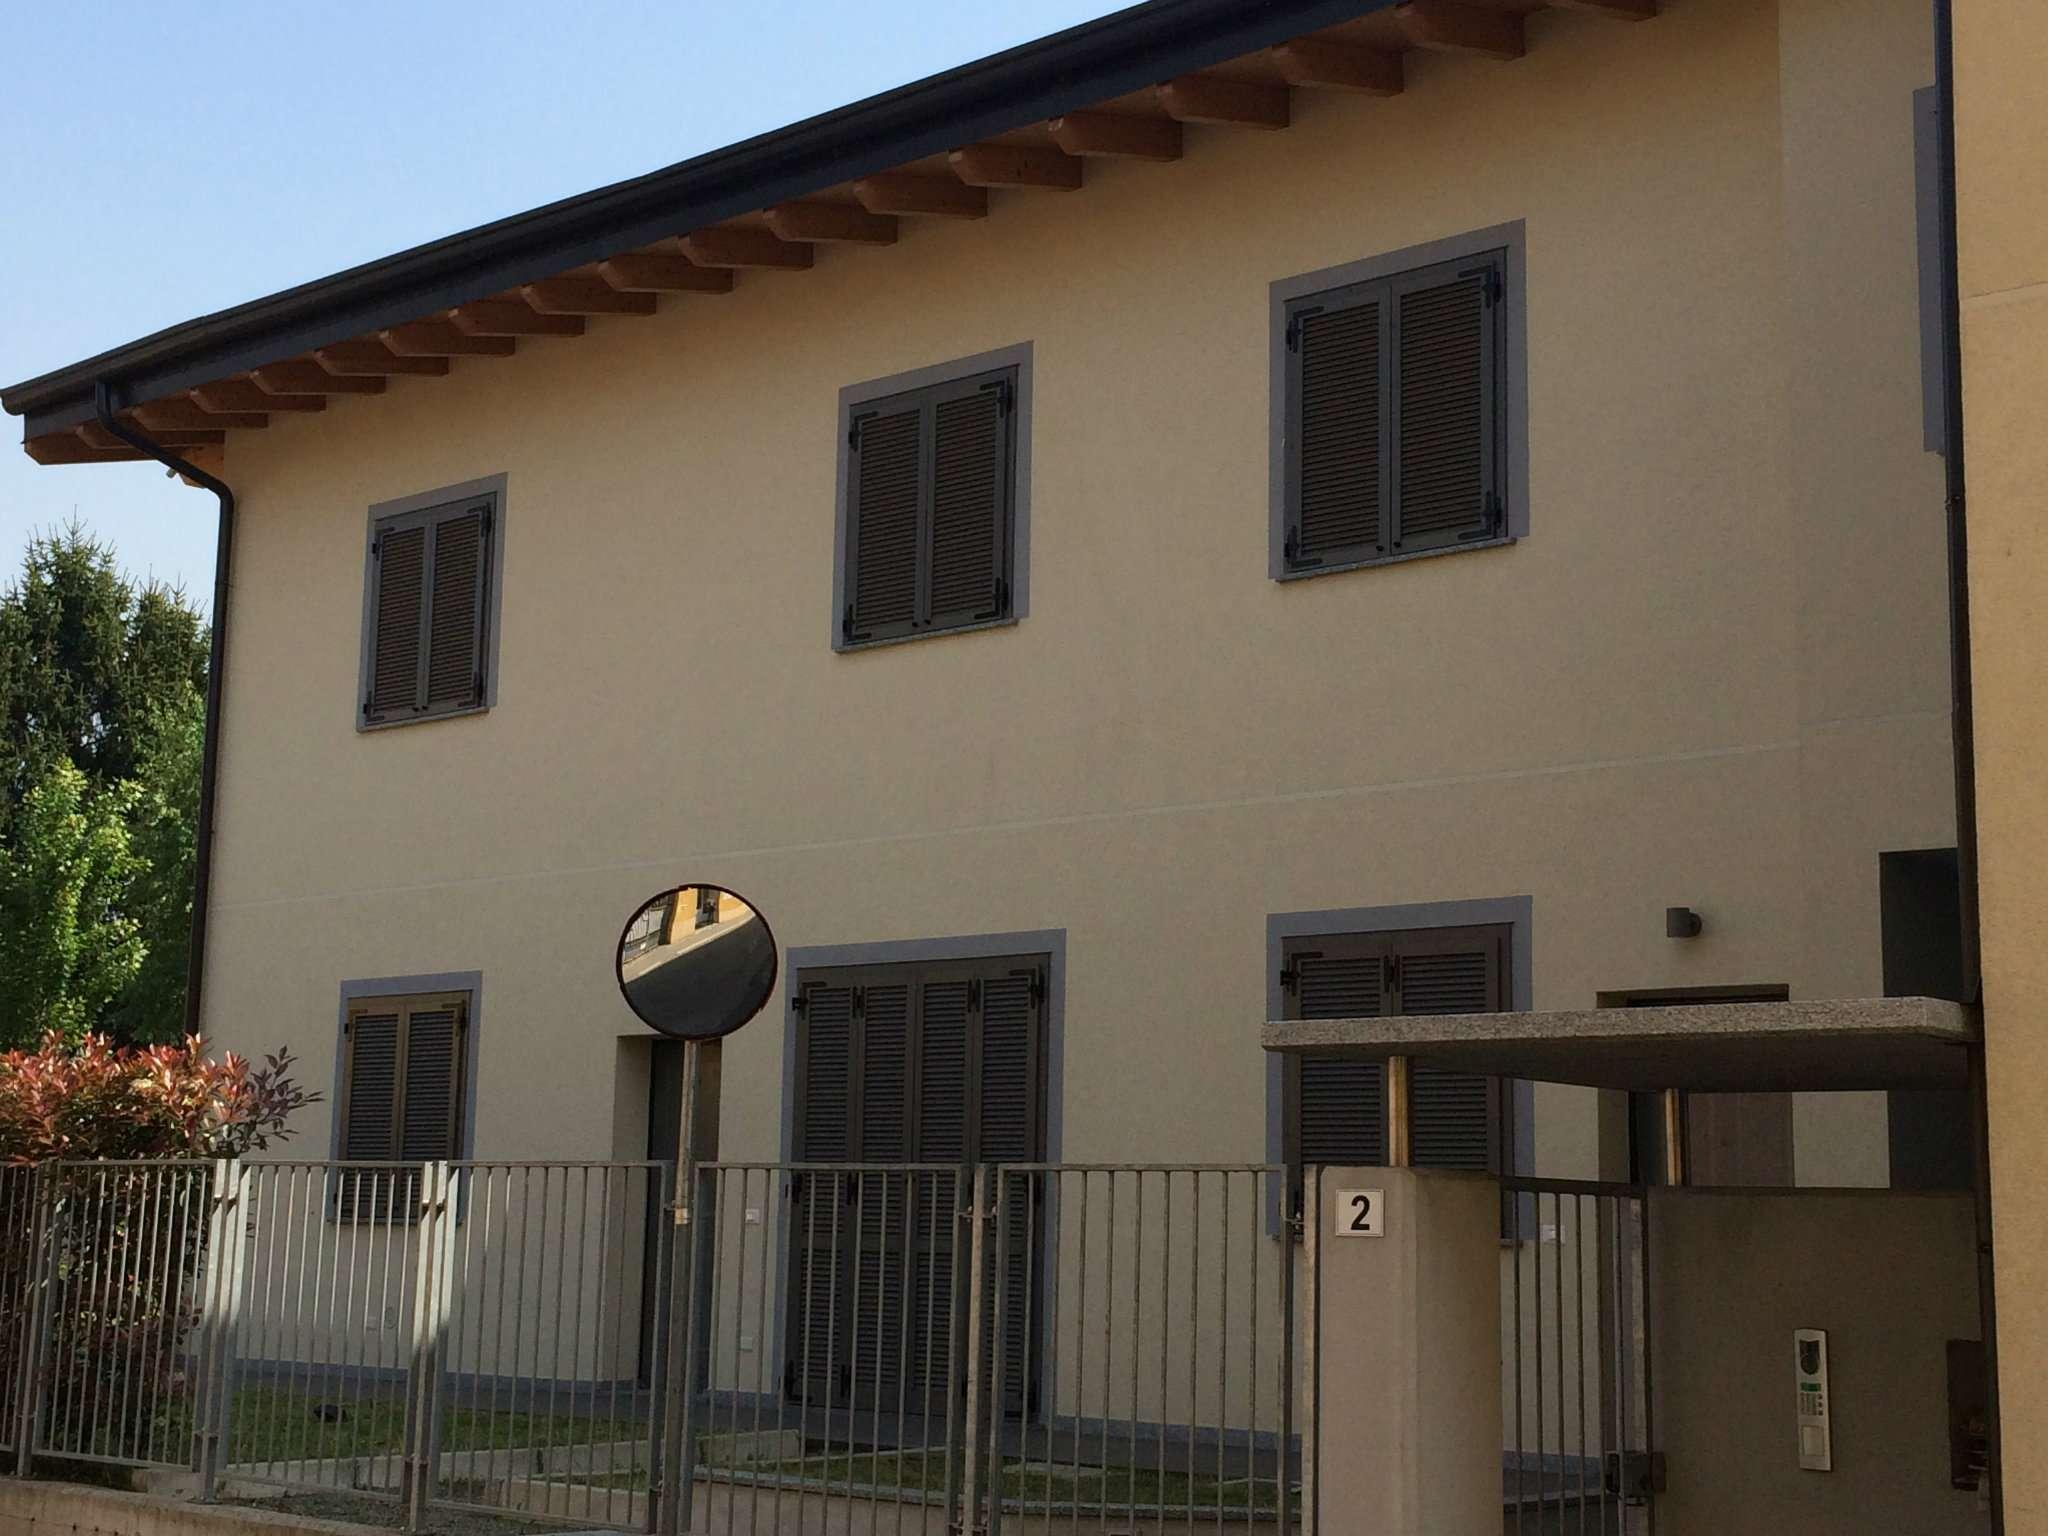 Villa in vendita a Nova Milanese, 2 locali, prezzo € 156.000 | Cambio Casa.it